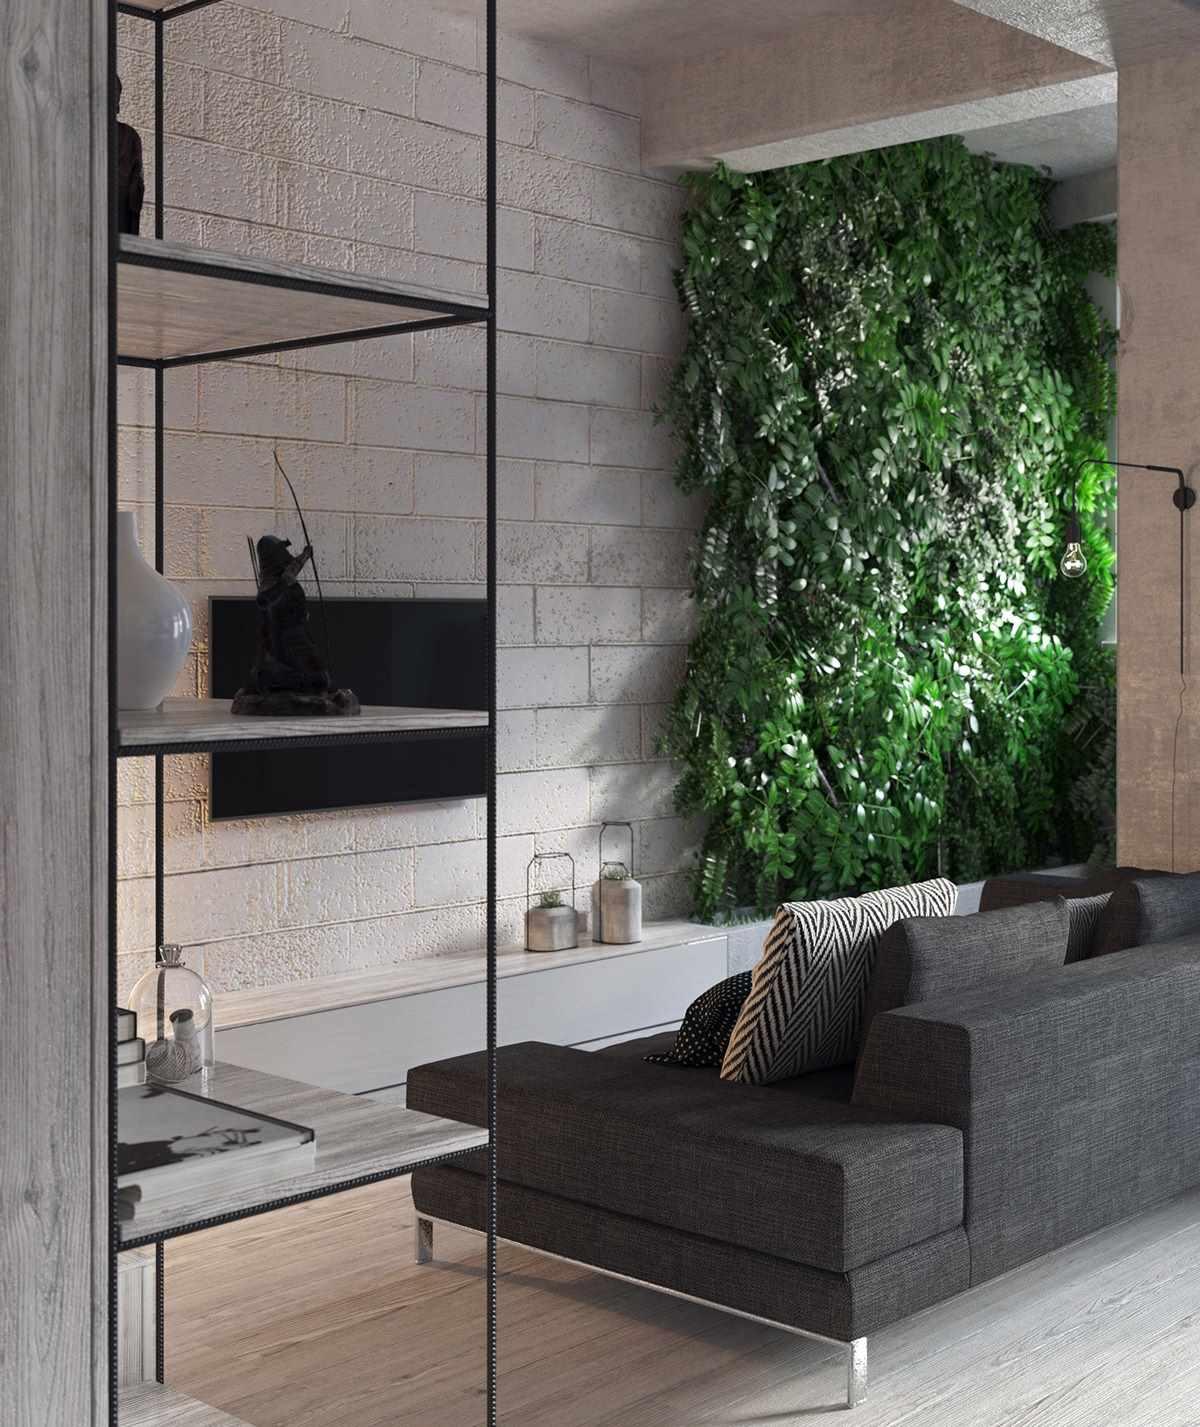 Планировка современной квартиры 43 кв.м (2)